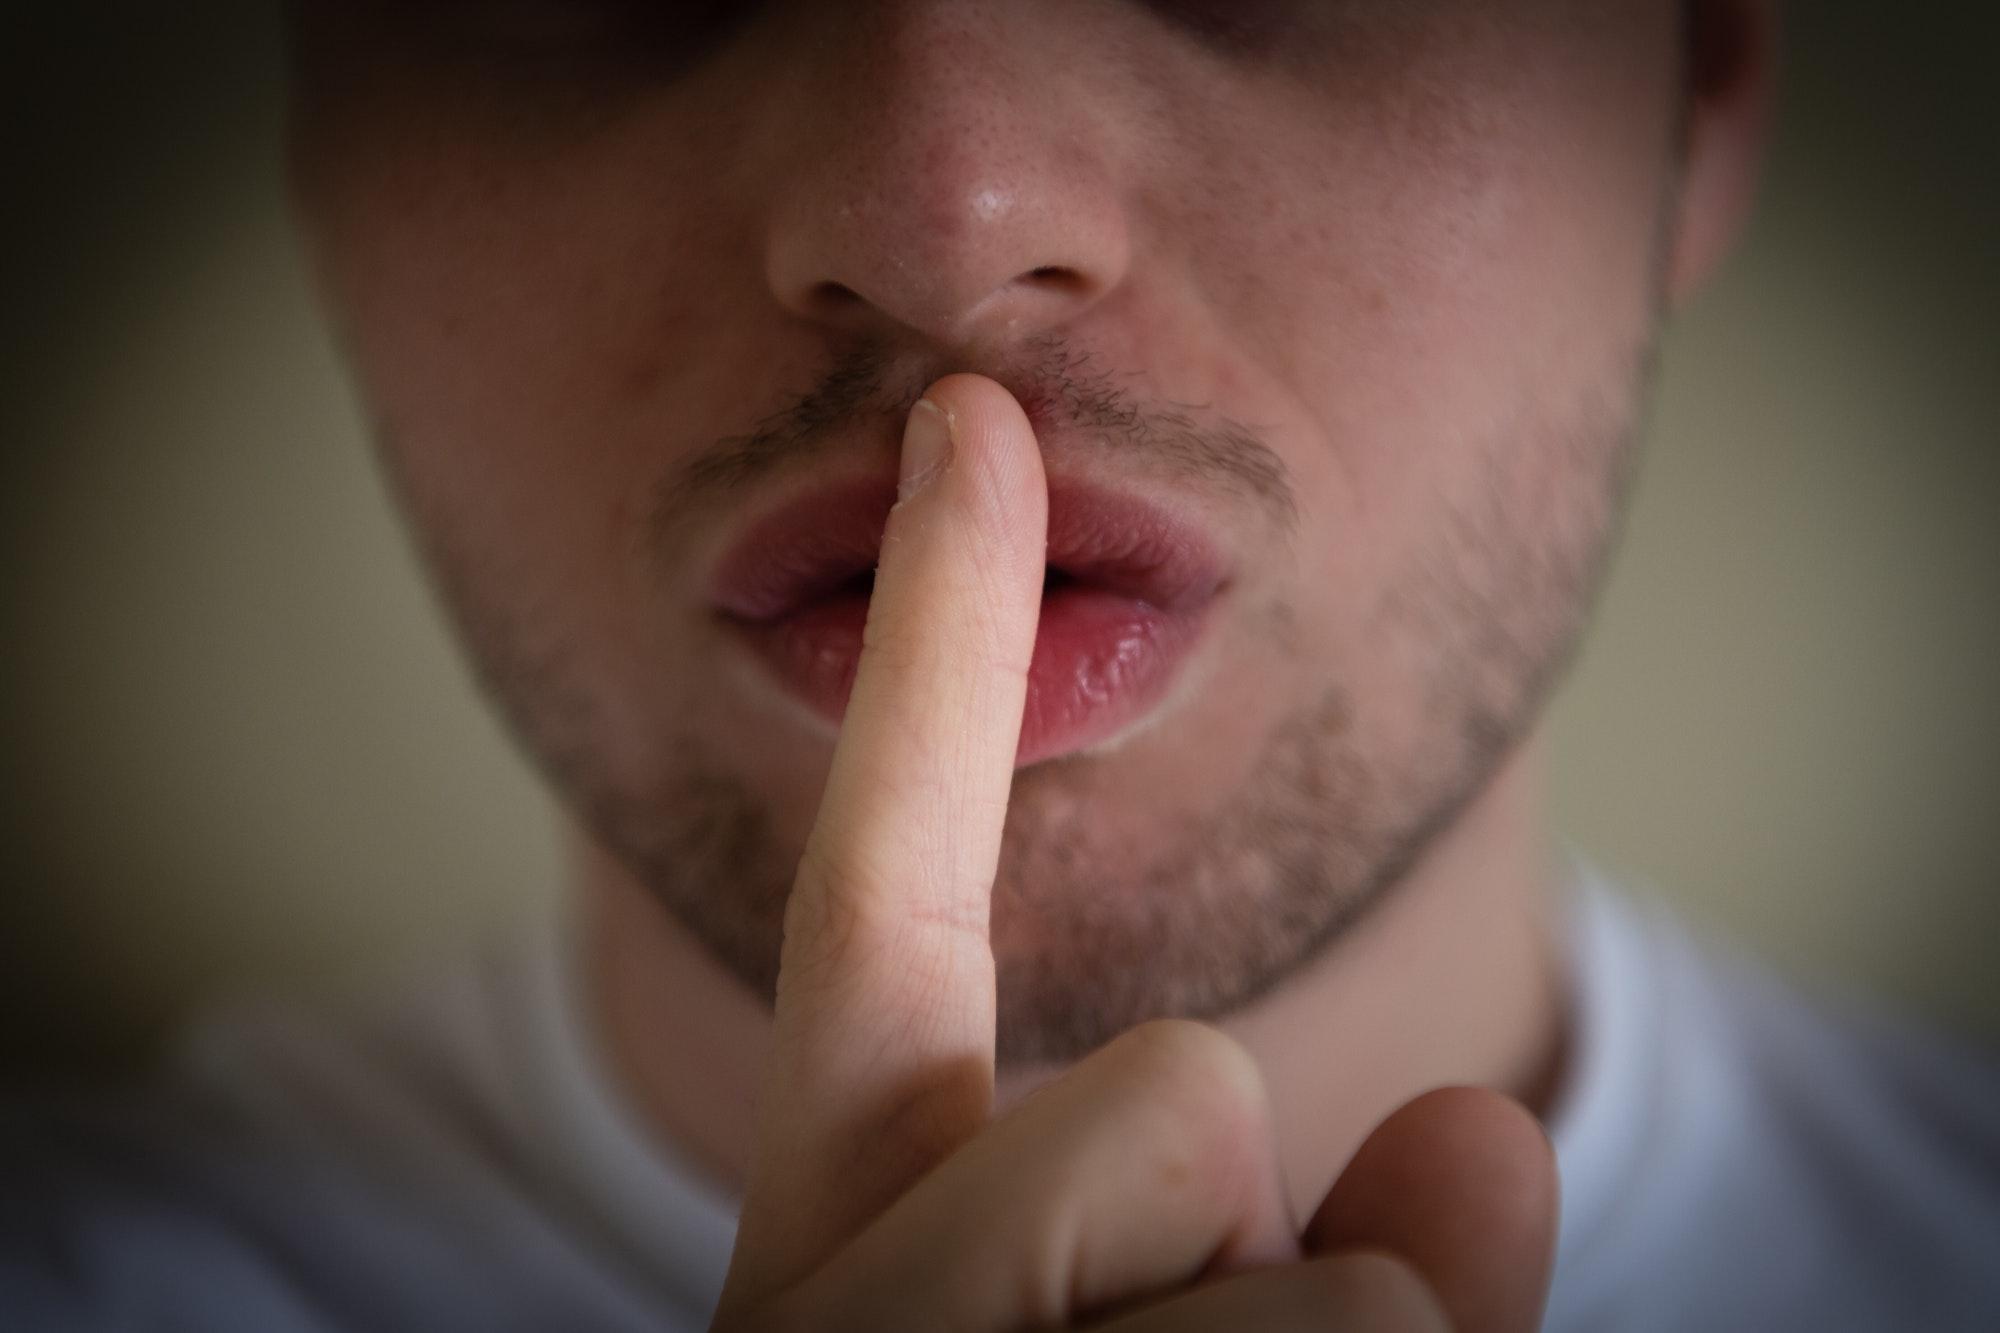 homme fait chut avec son doigt sur la bouche